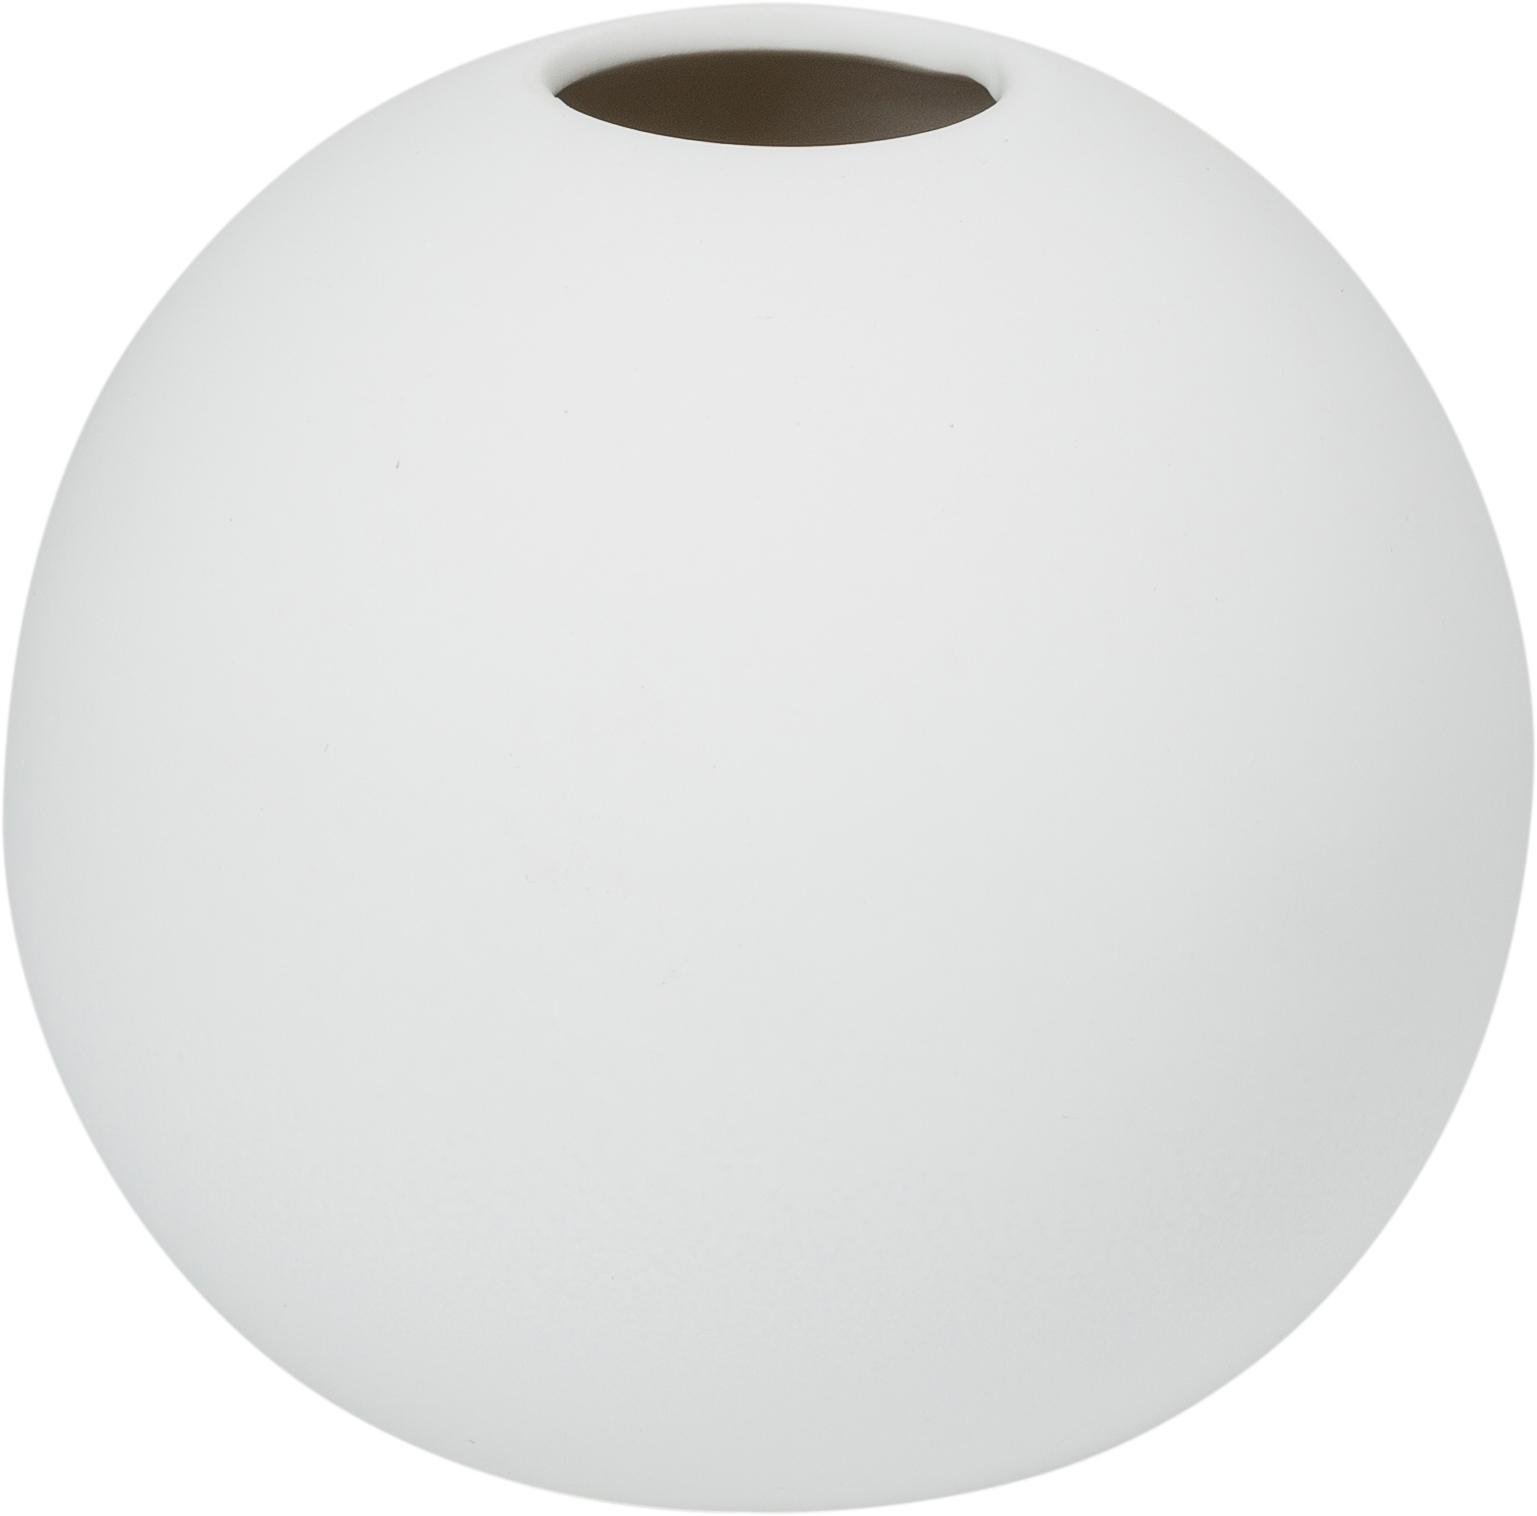 Handgemaakte bolvormige vaas Ball, Keramiek, Wit, Ø 10 x H 10 cm